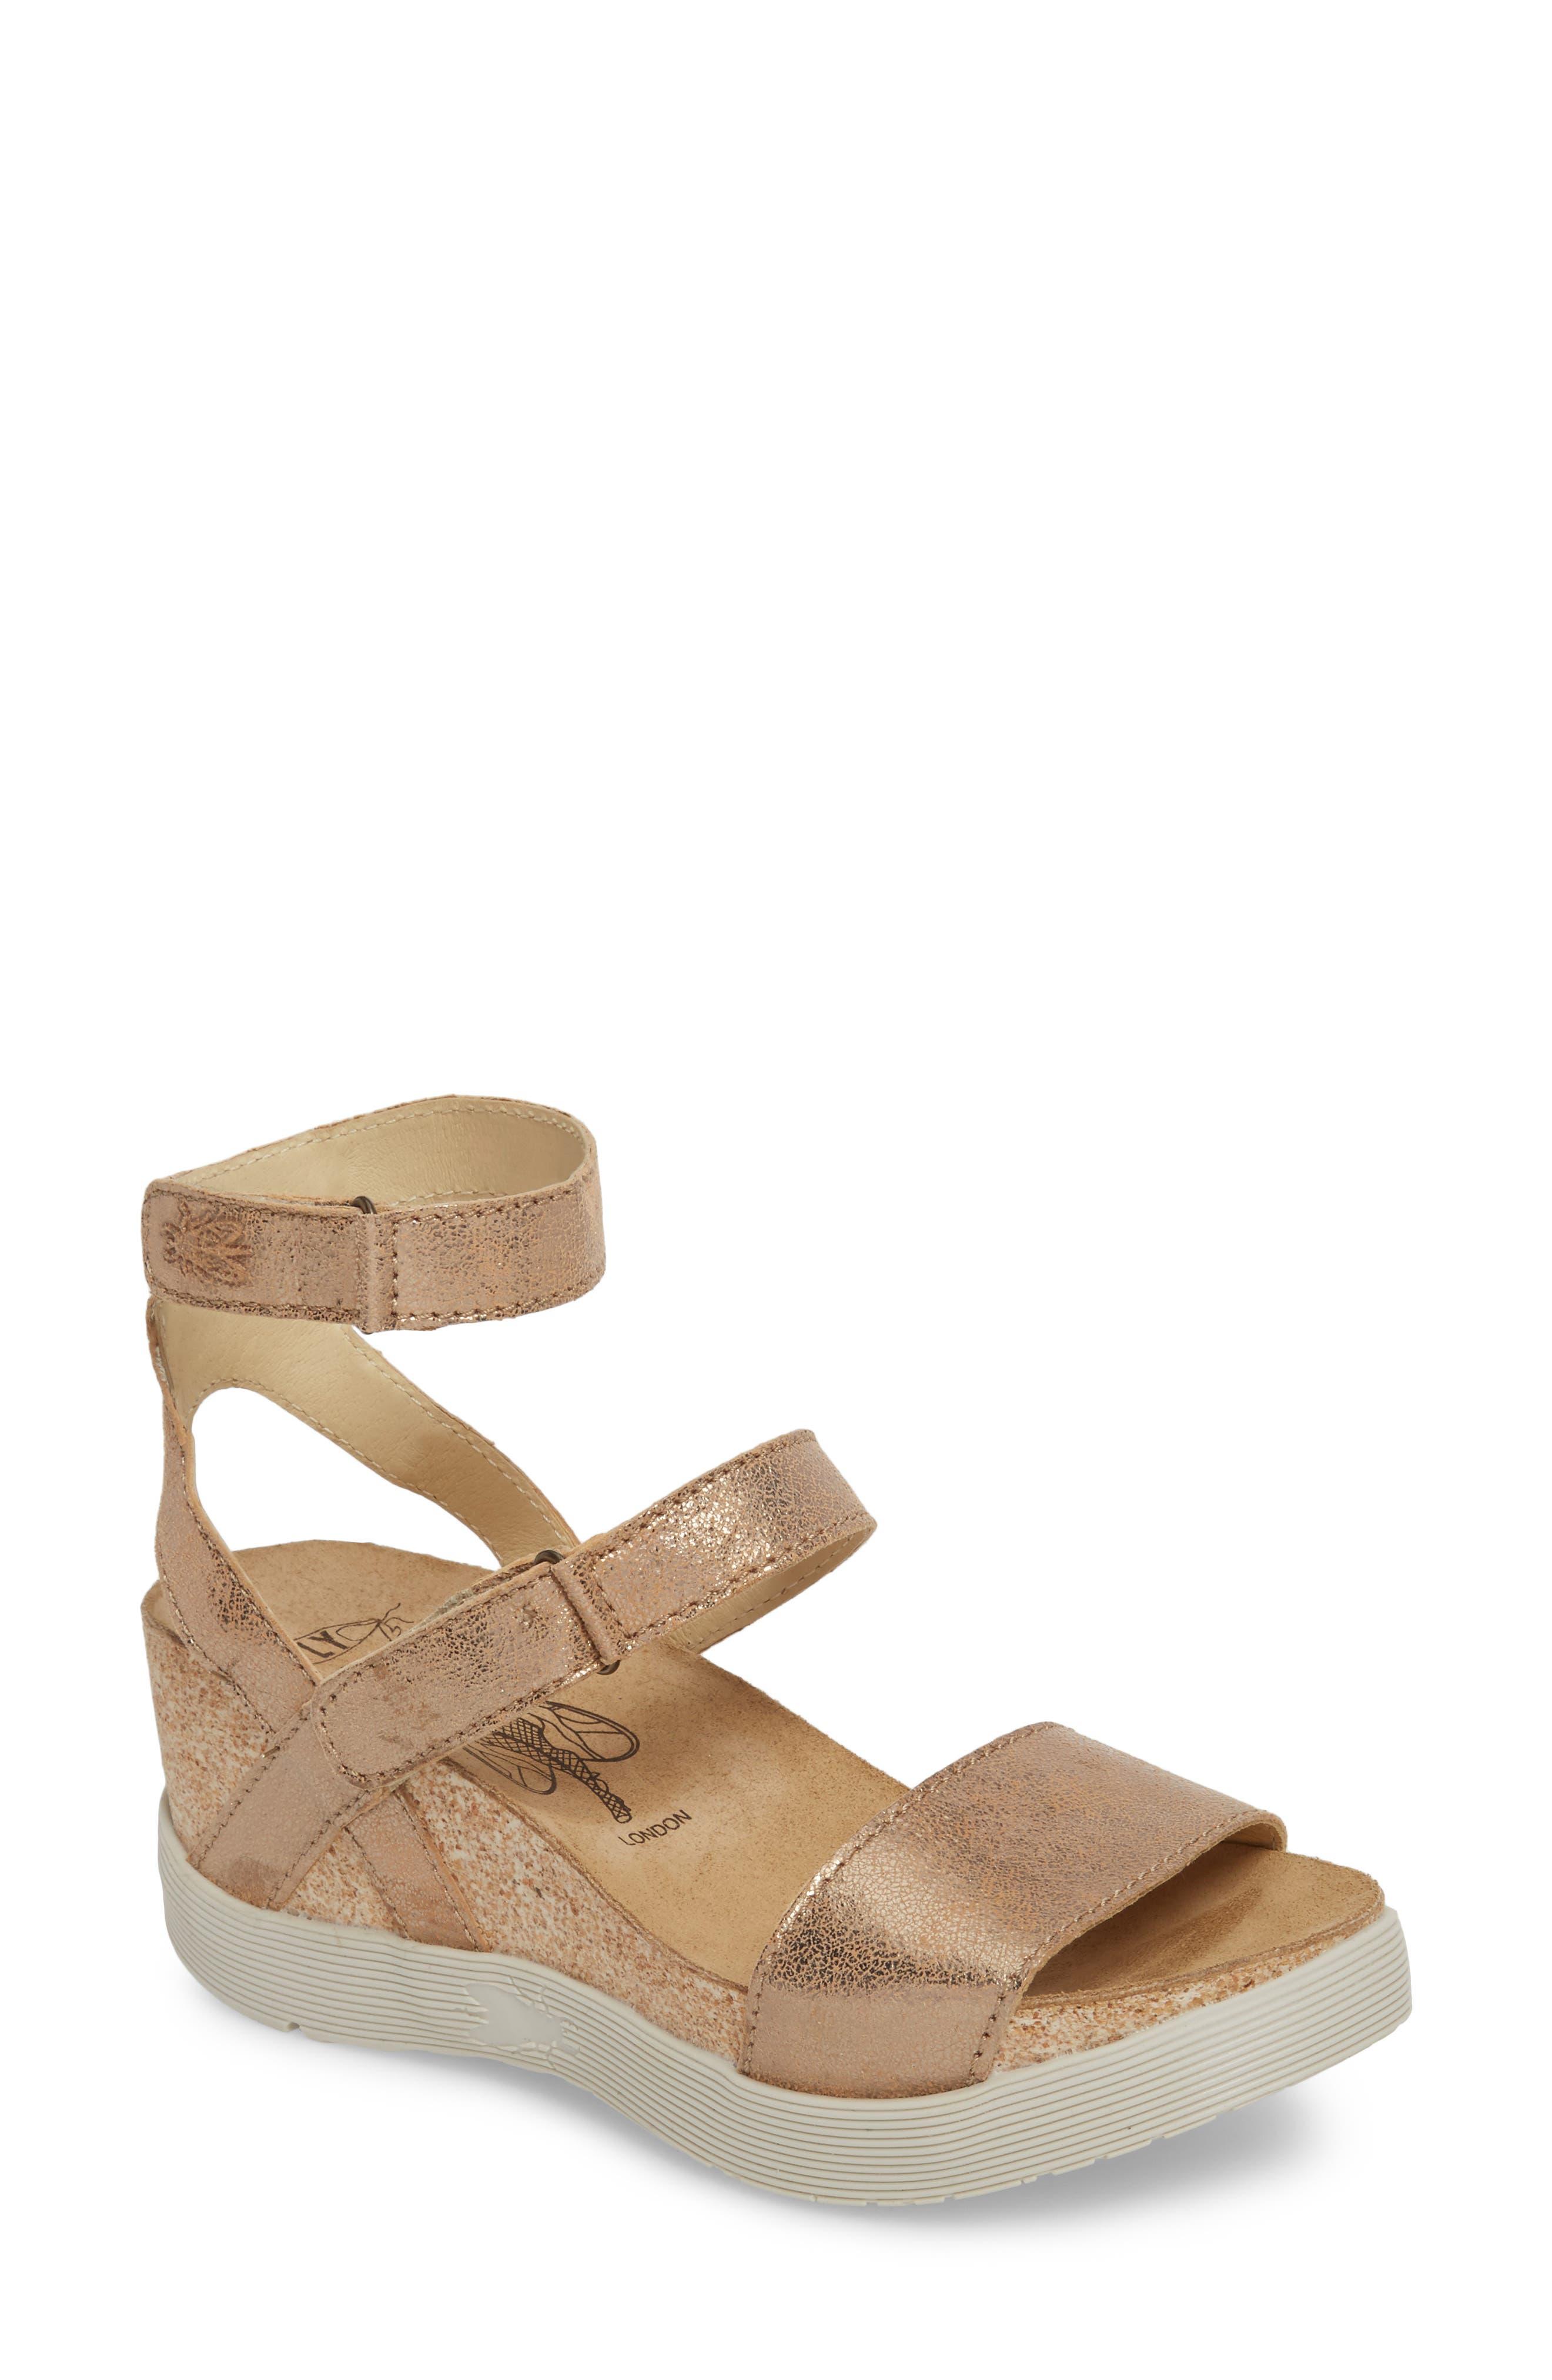 Wink Platform Sandal,                         Main,                         color, LUNA COOL LEATHER